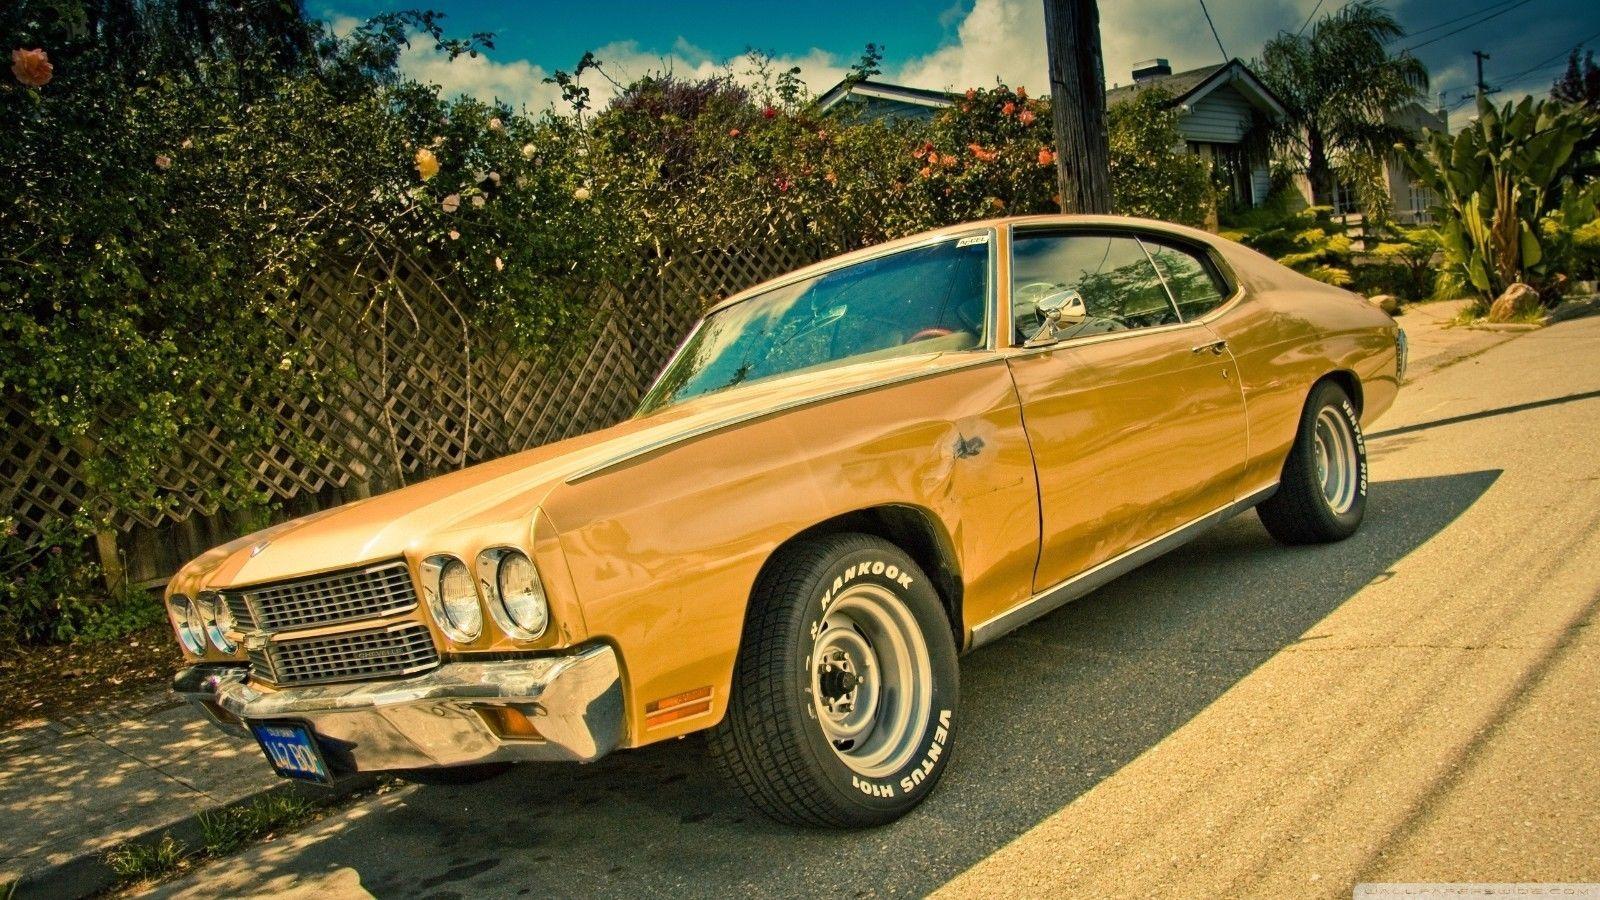 1970s Dodge Good Times Van 24x36 inch poster